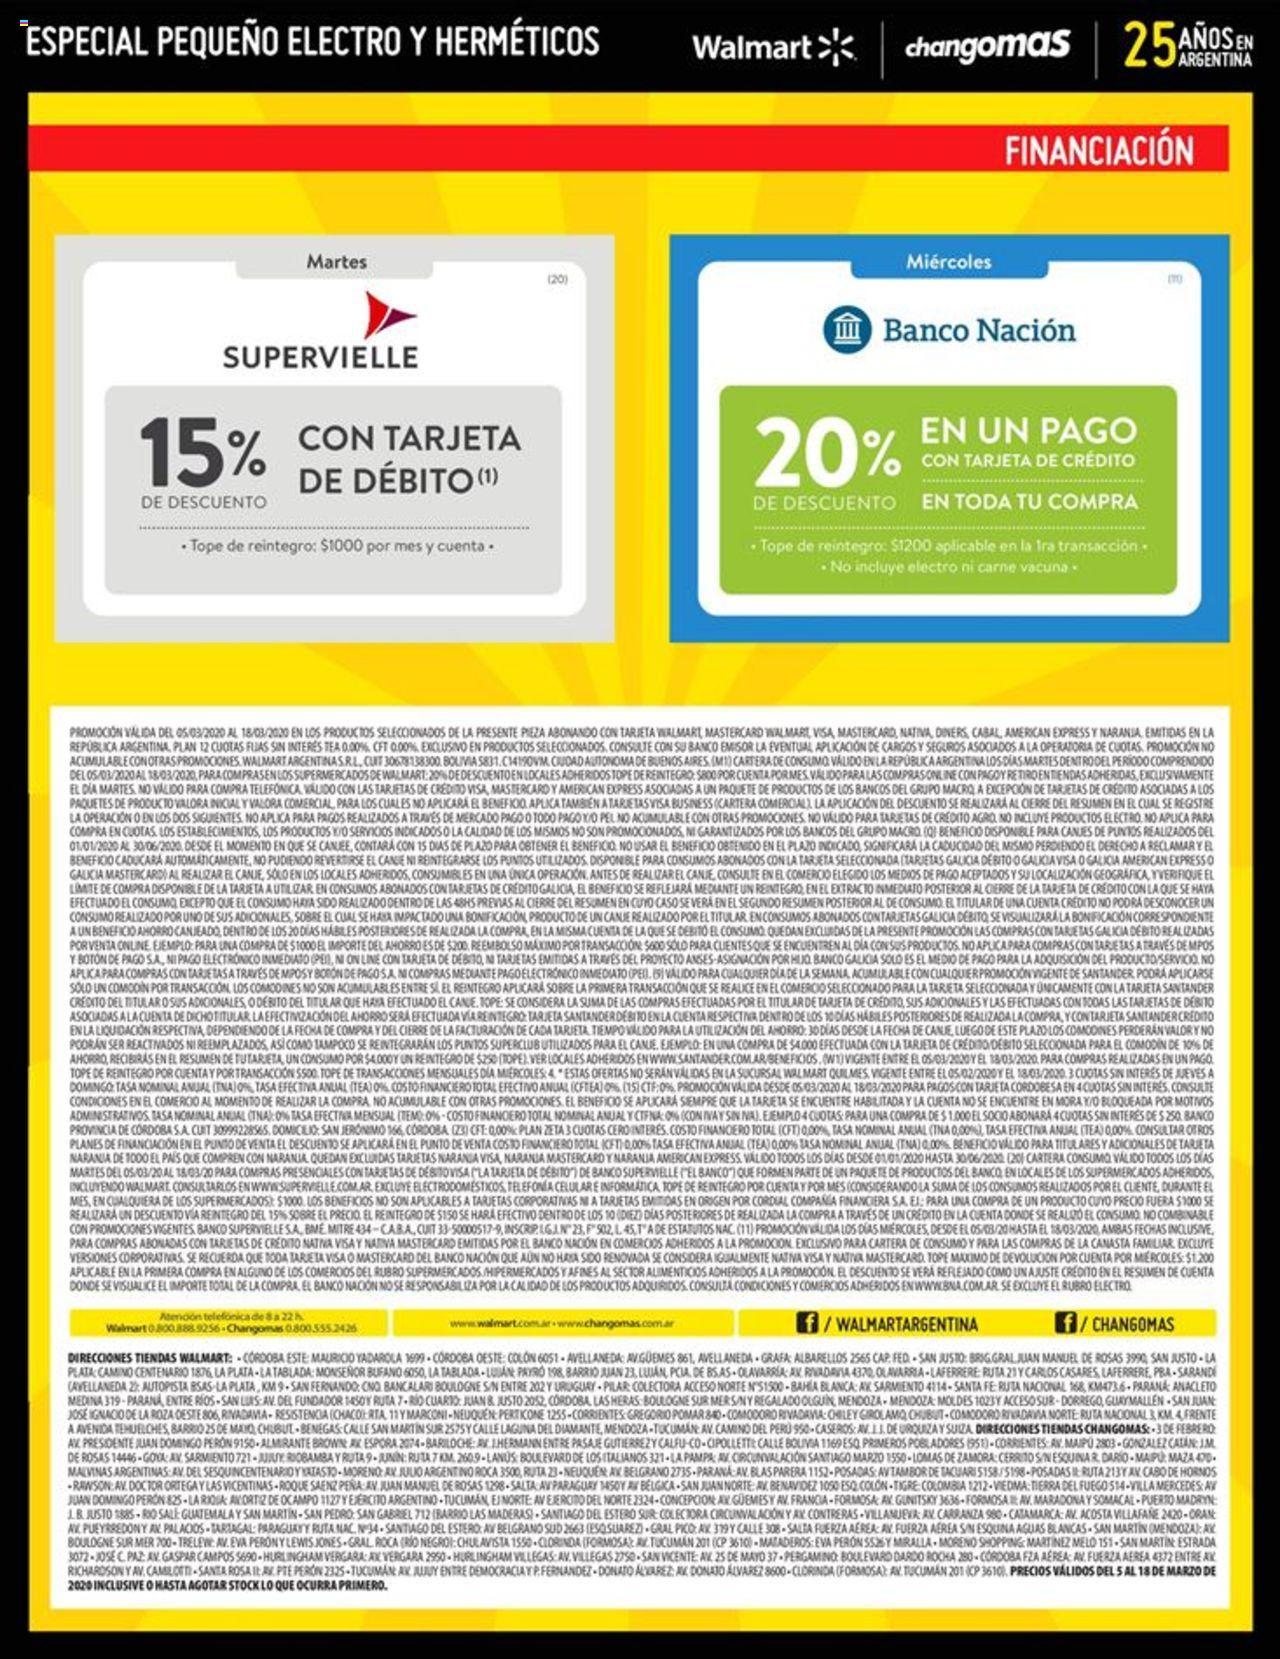 Changomas Promociones válido desde el 05/03/2020 número de página 1 | Página: 6